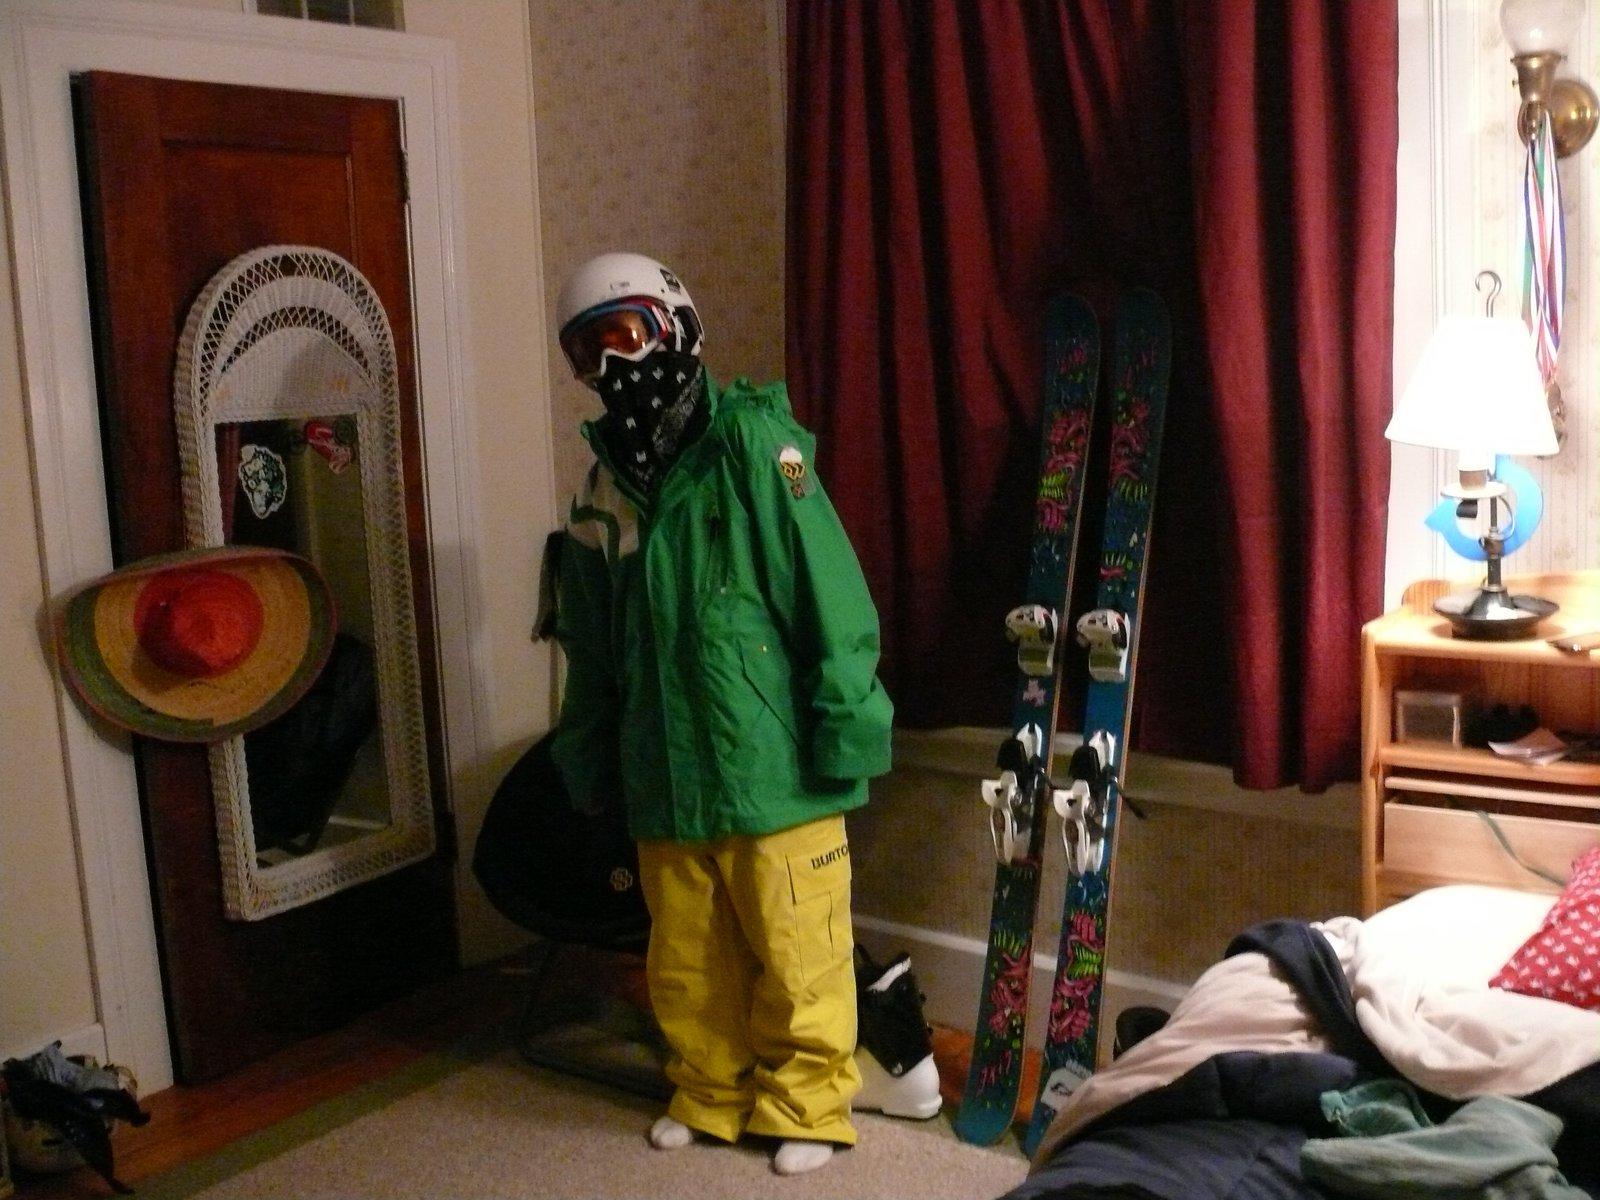 Ski stuff - 10 of 10